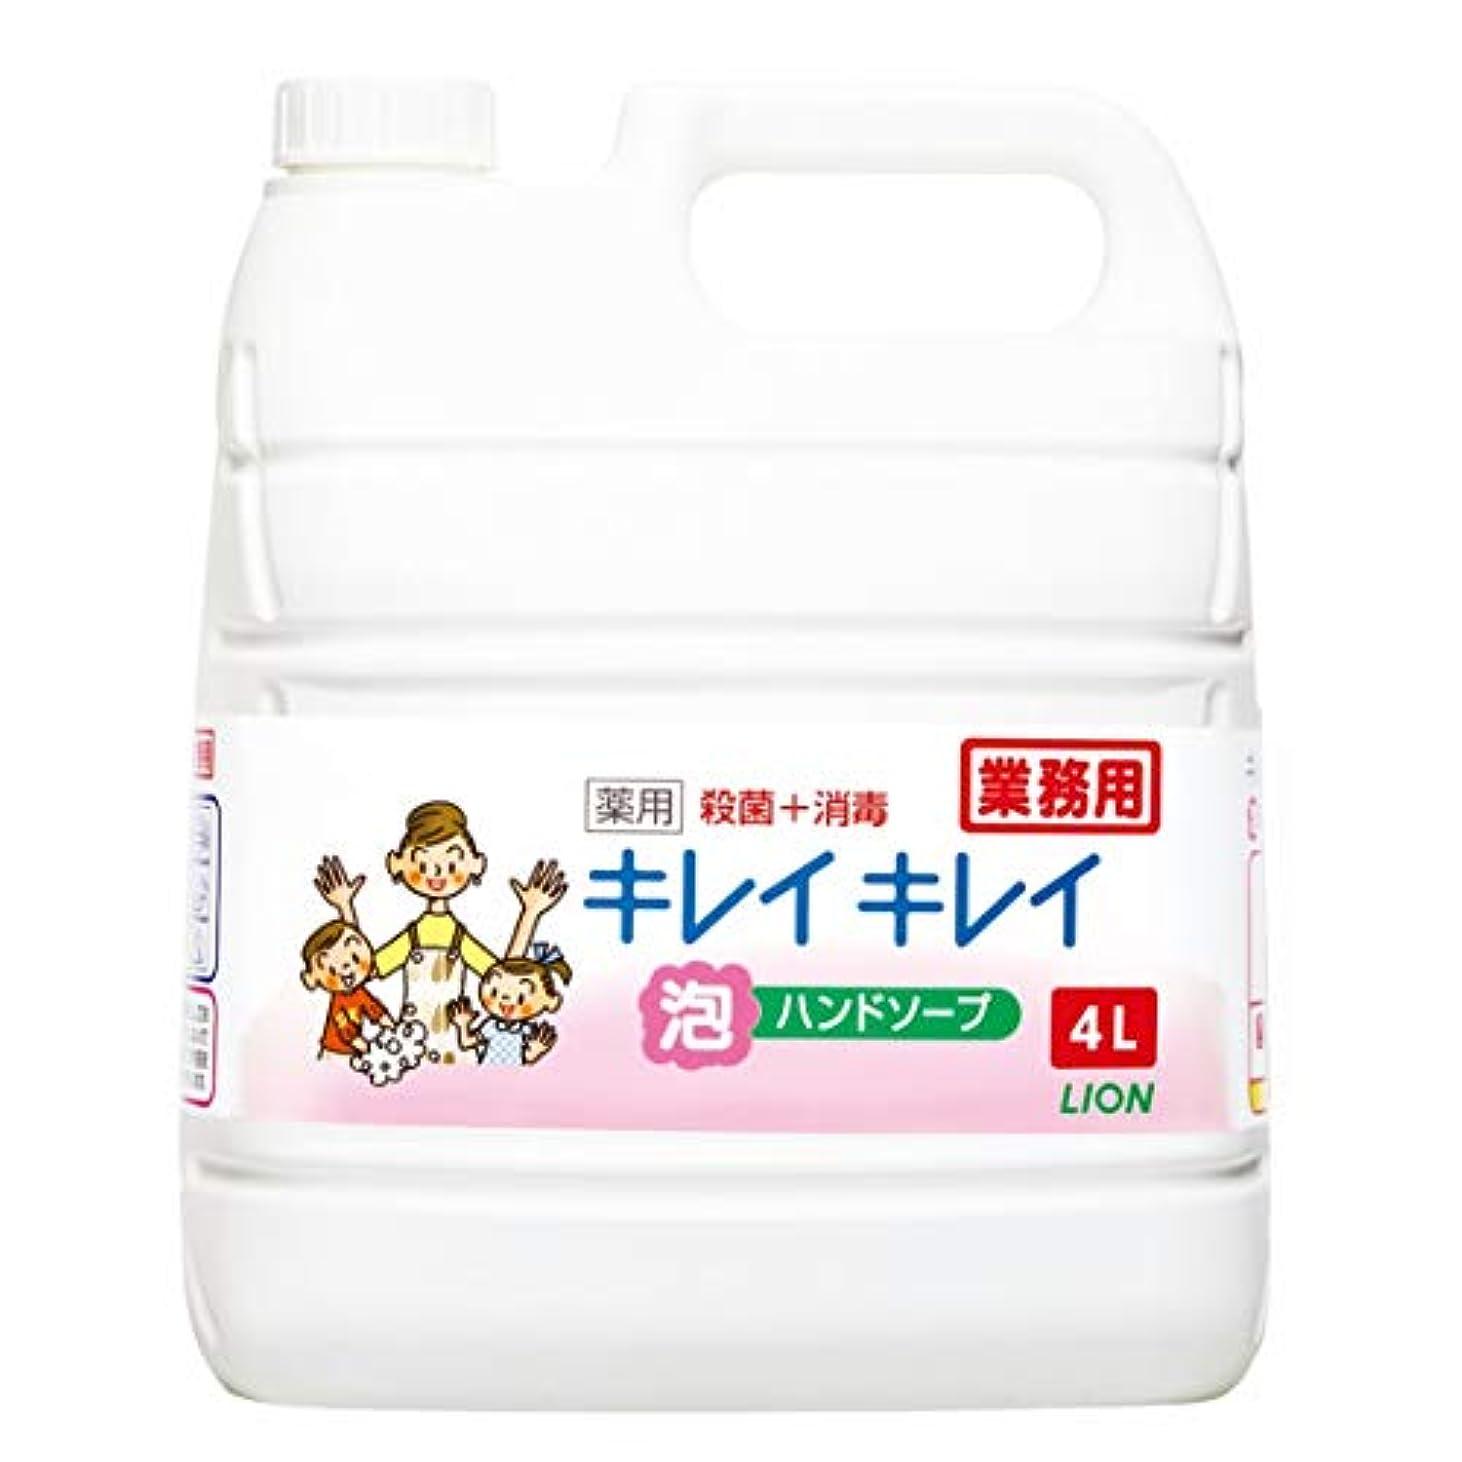 扇動するゆでる敬意を表して【業務用 大容量】キレイキレイ 薬用 泡ハンドソープ シトラスフルーティの香り 液体 単品 4L(医薬部外品)